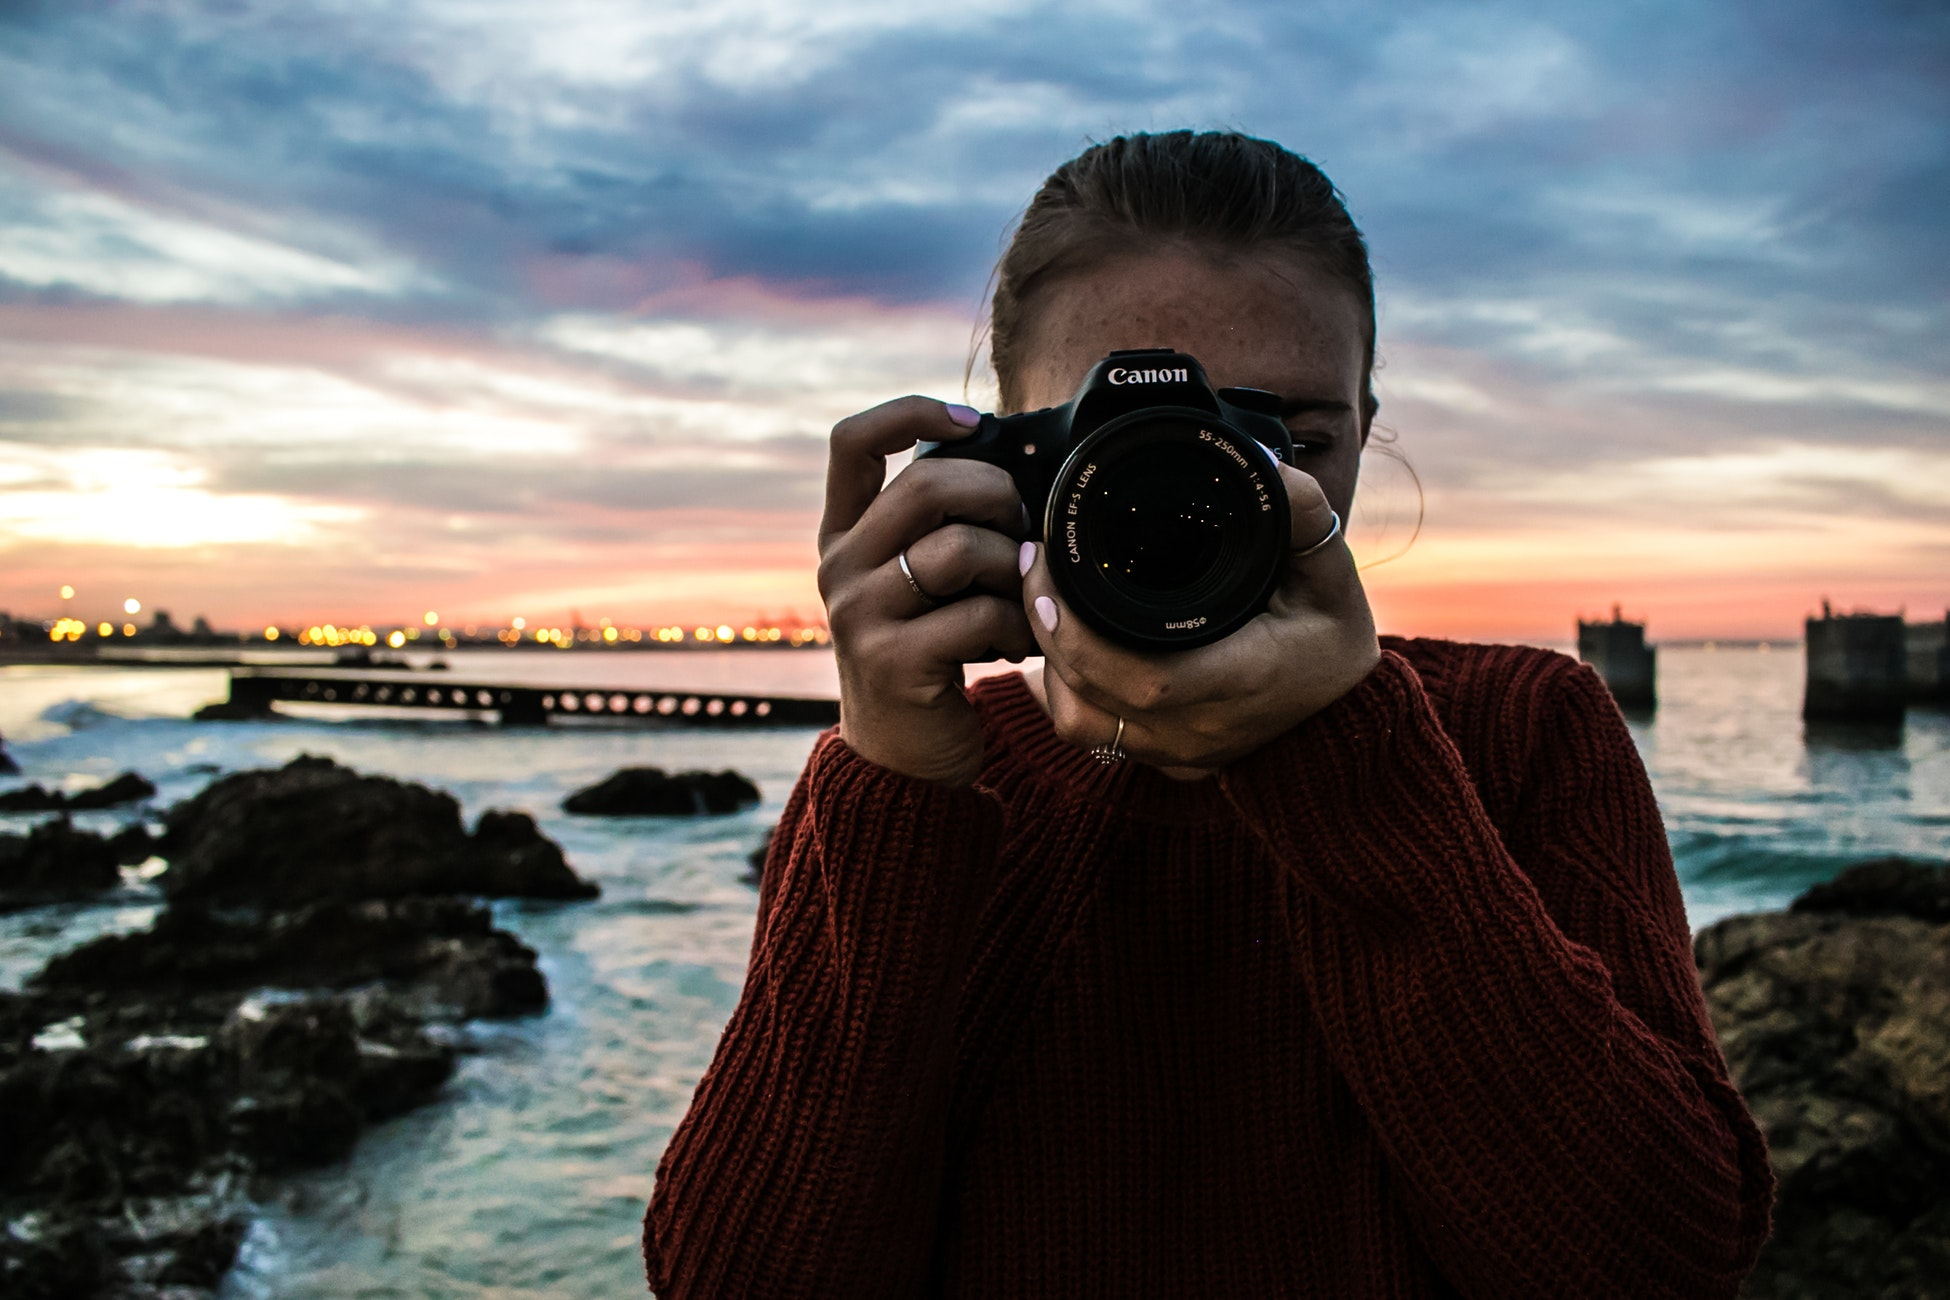 【商用利用OK】おすすめ無料(フリー)写真素材サイト4選|ブログのアイキャッチ画像にも最適